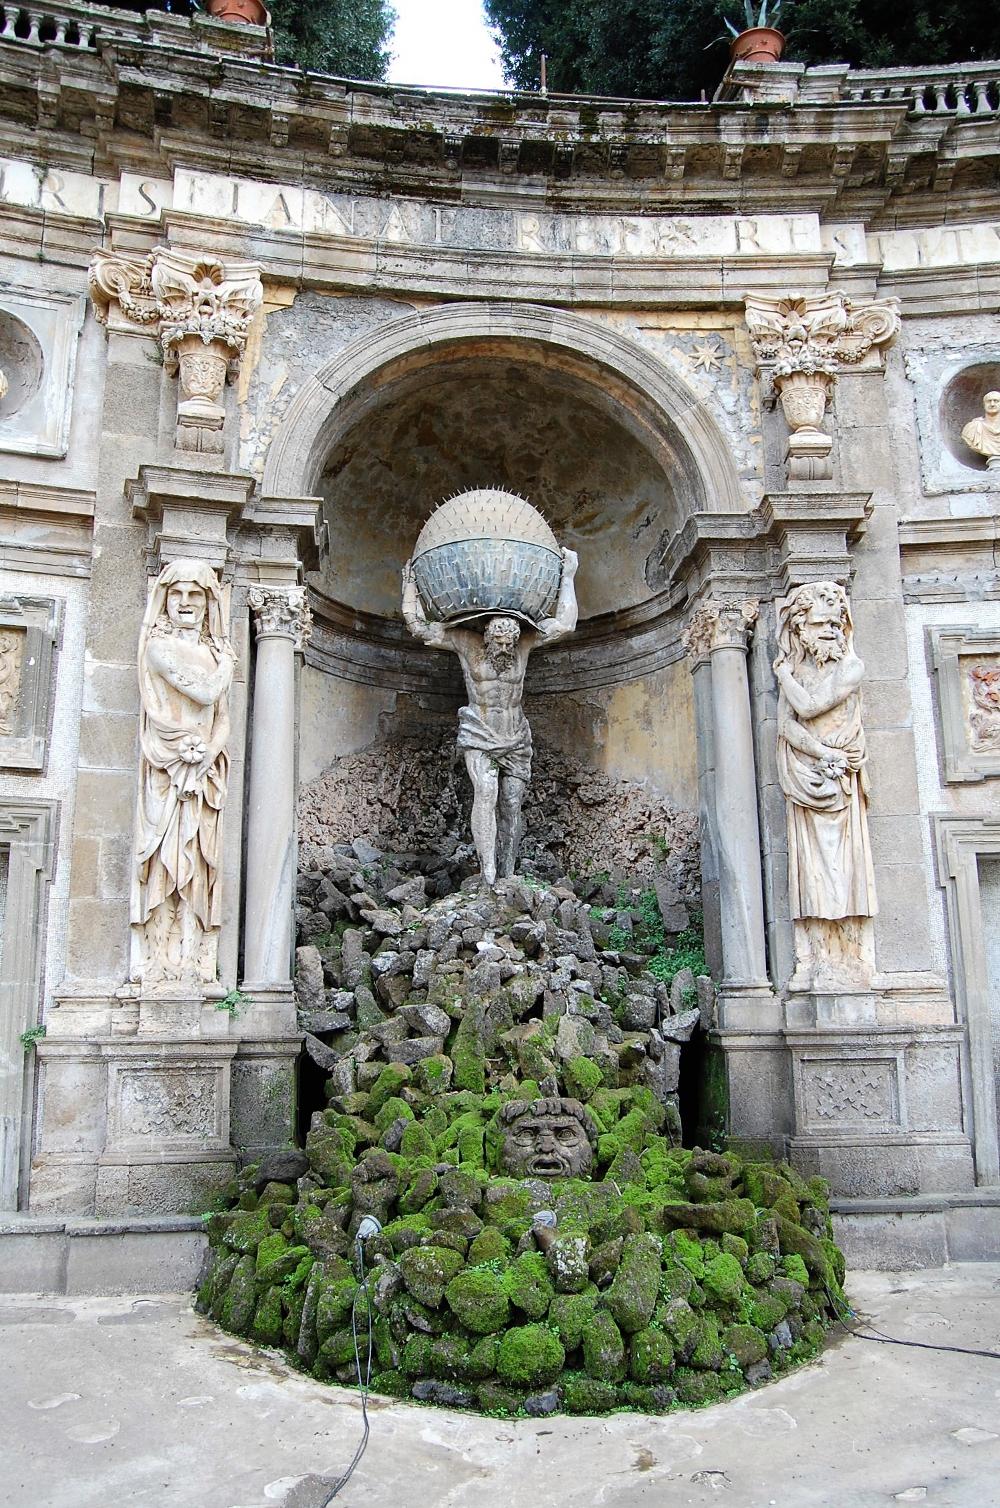 rocaille-blog-villa-aldobrandini-frascati-giardino (14)